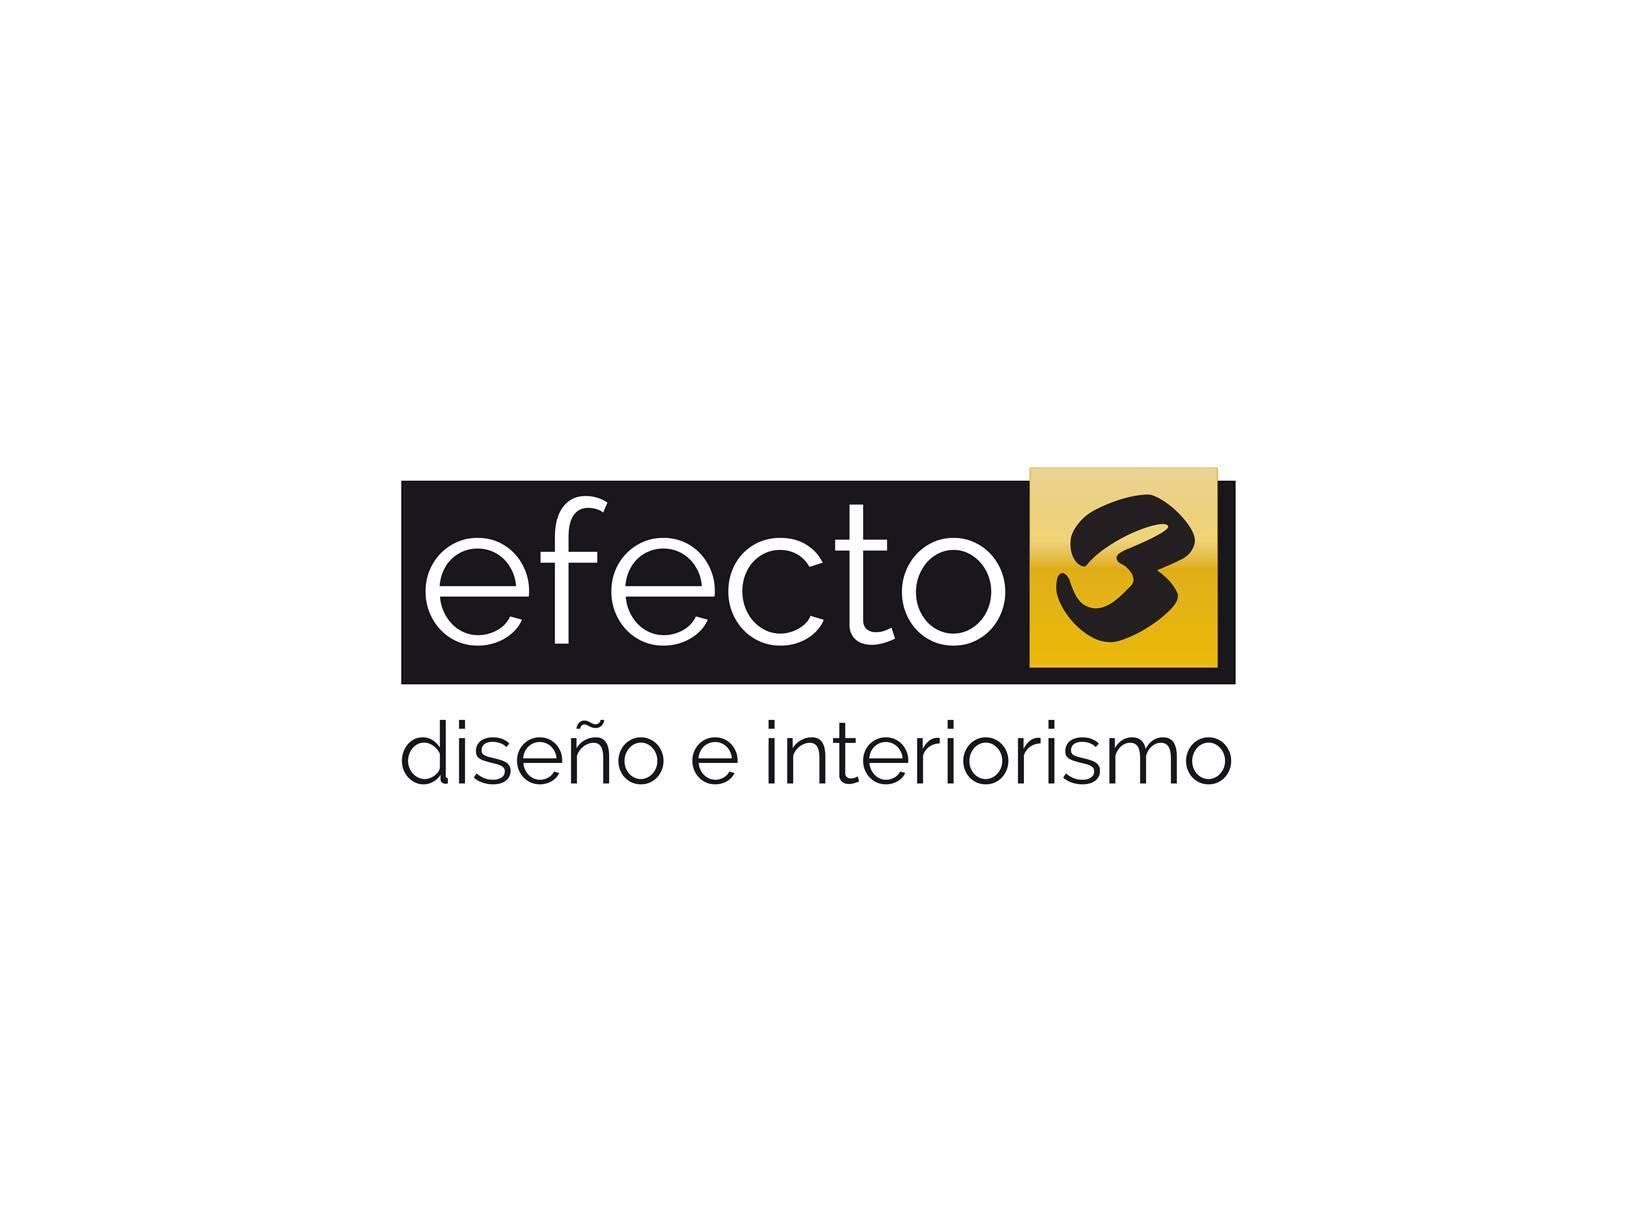 Efecto 3 Diseño e Interiorismo